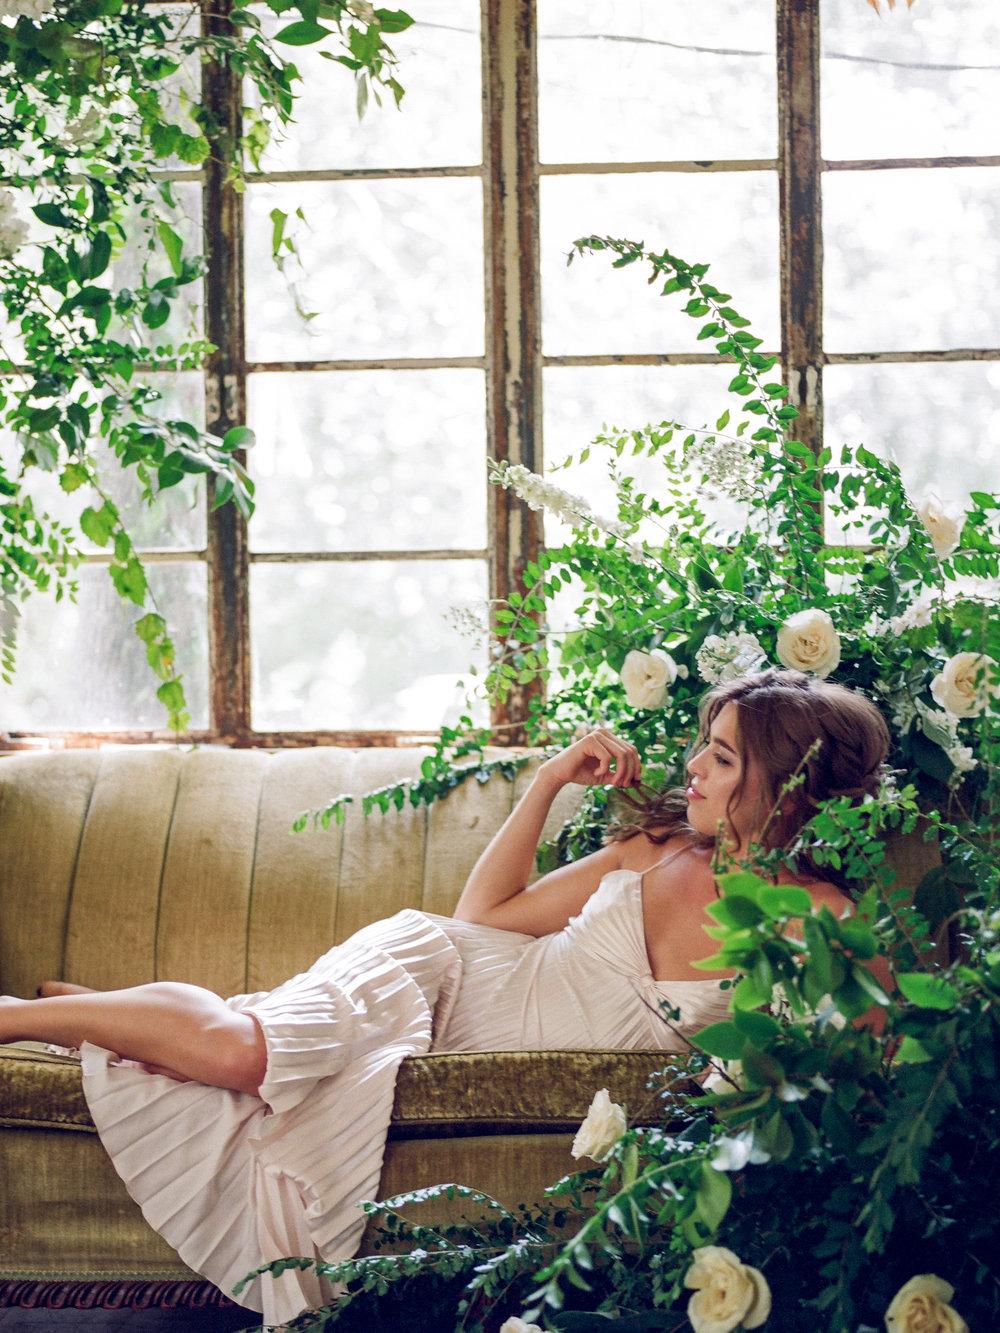 tallahassee_florist_fine_art_boudoir_inspiration_moonstruck_florals.jpg